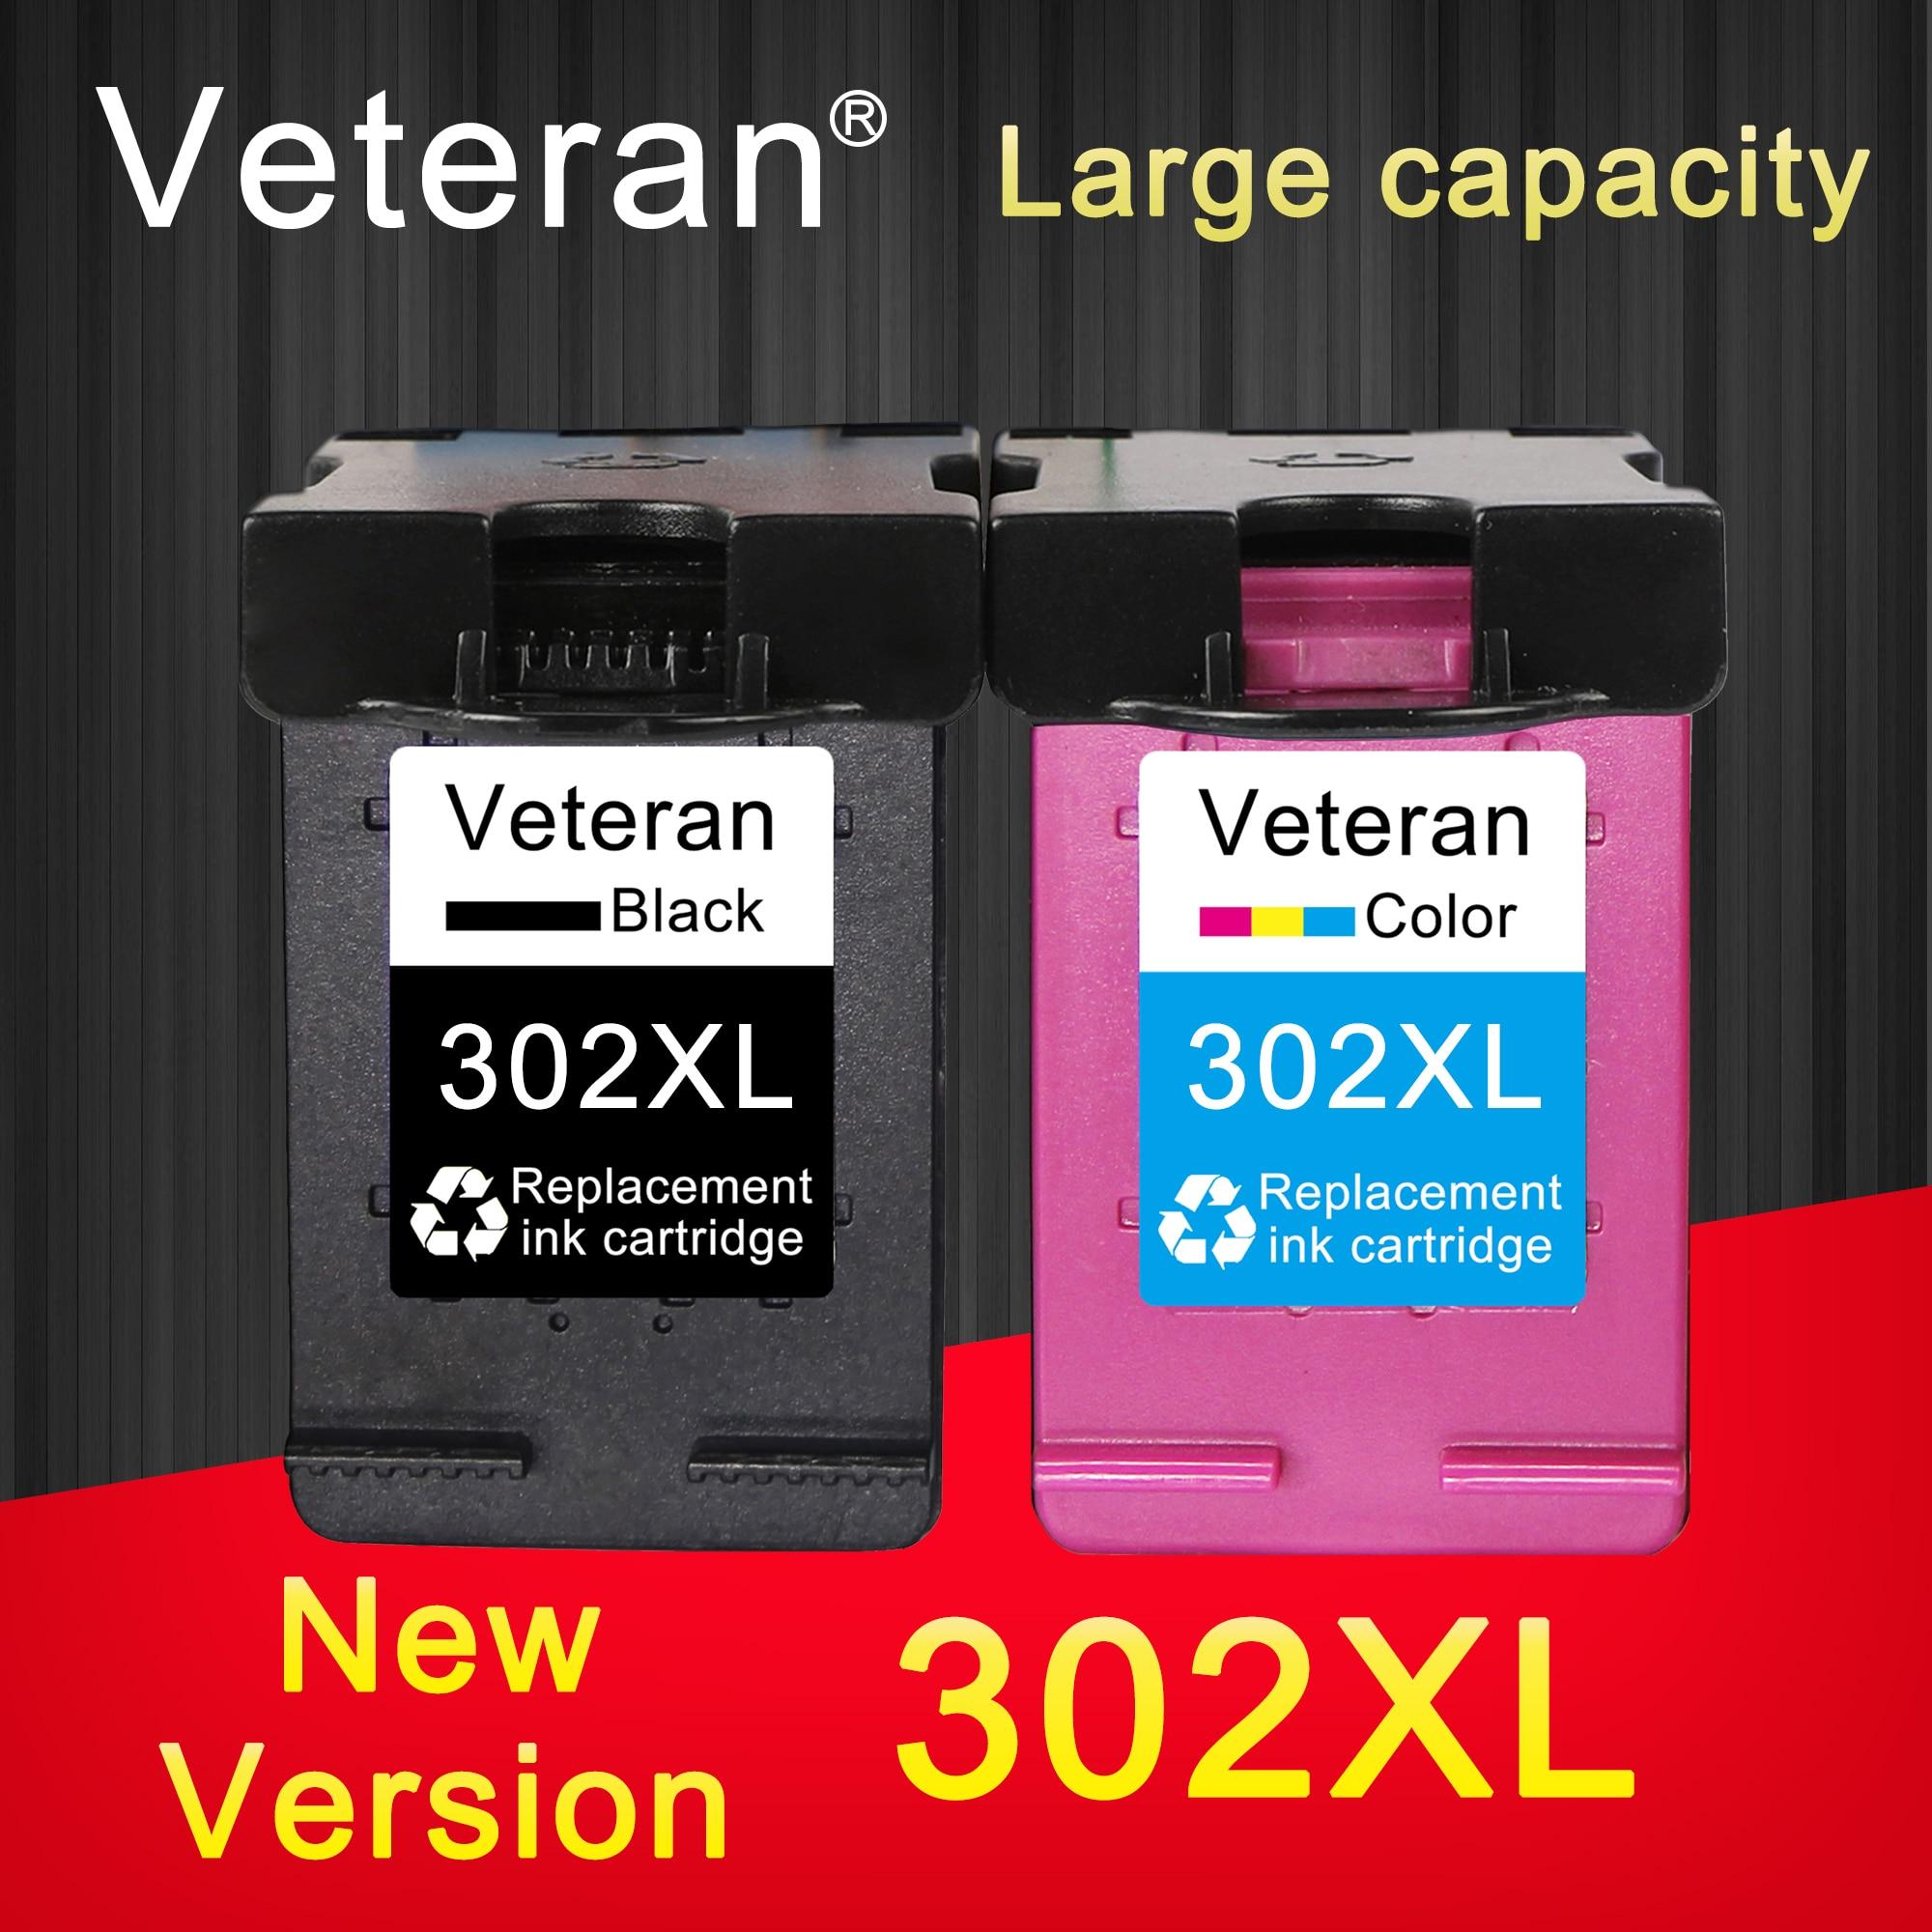 Заправленный чернильный картридж Veteran 302XL для hp 302 xl Deskjet 2130 2131 2132 2134 2136 officejet 5220 5230 5232 5252 5255 5258